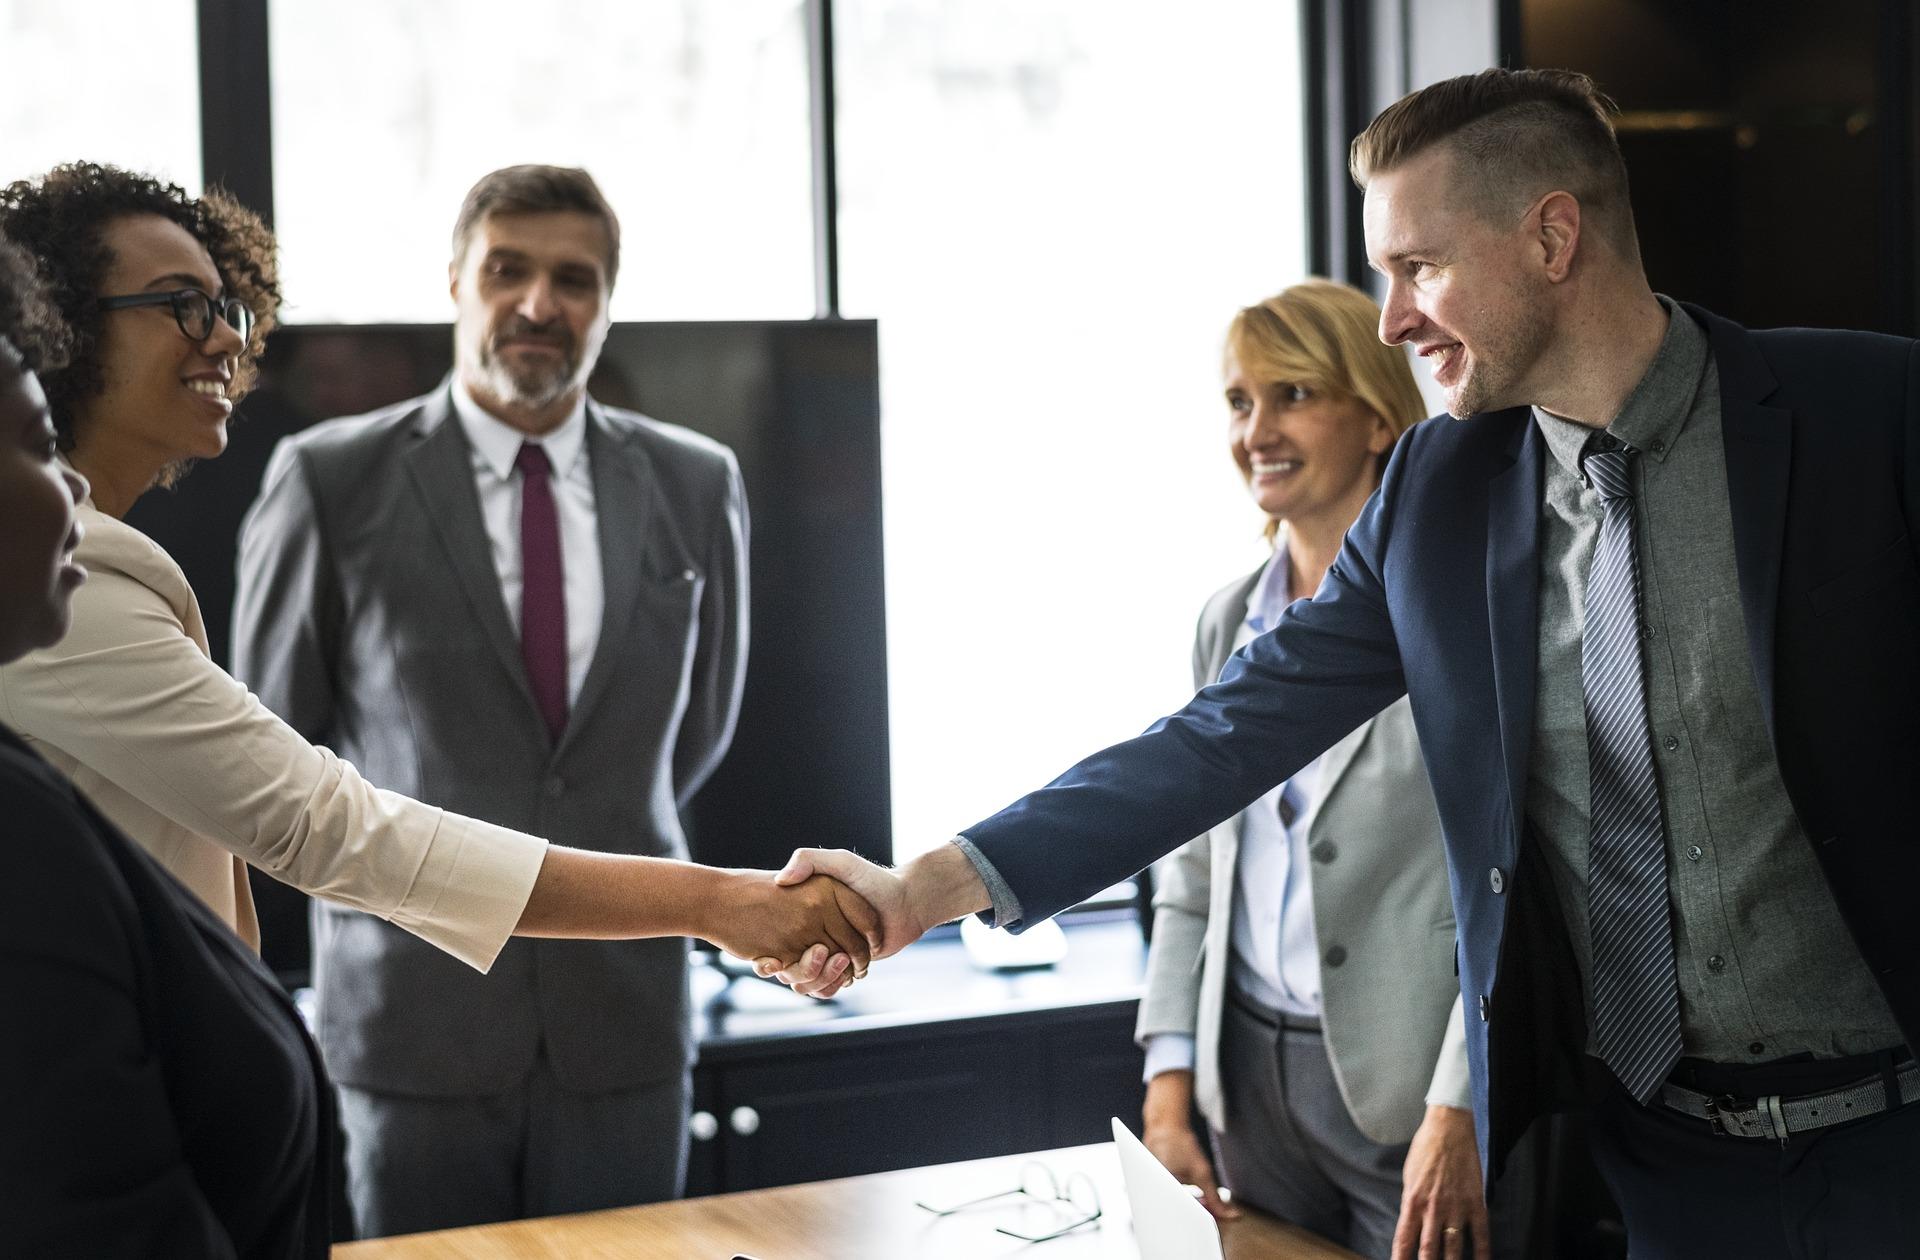 Allora? Fai crescere i tuoi collaboratori?